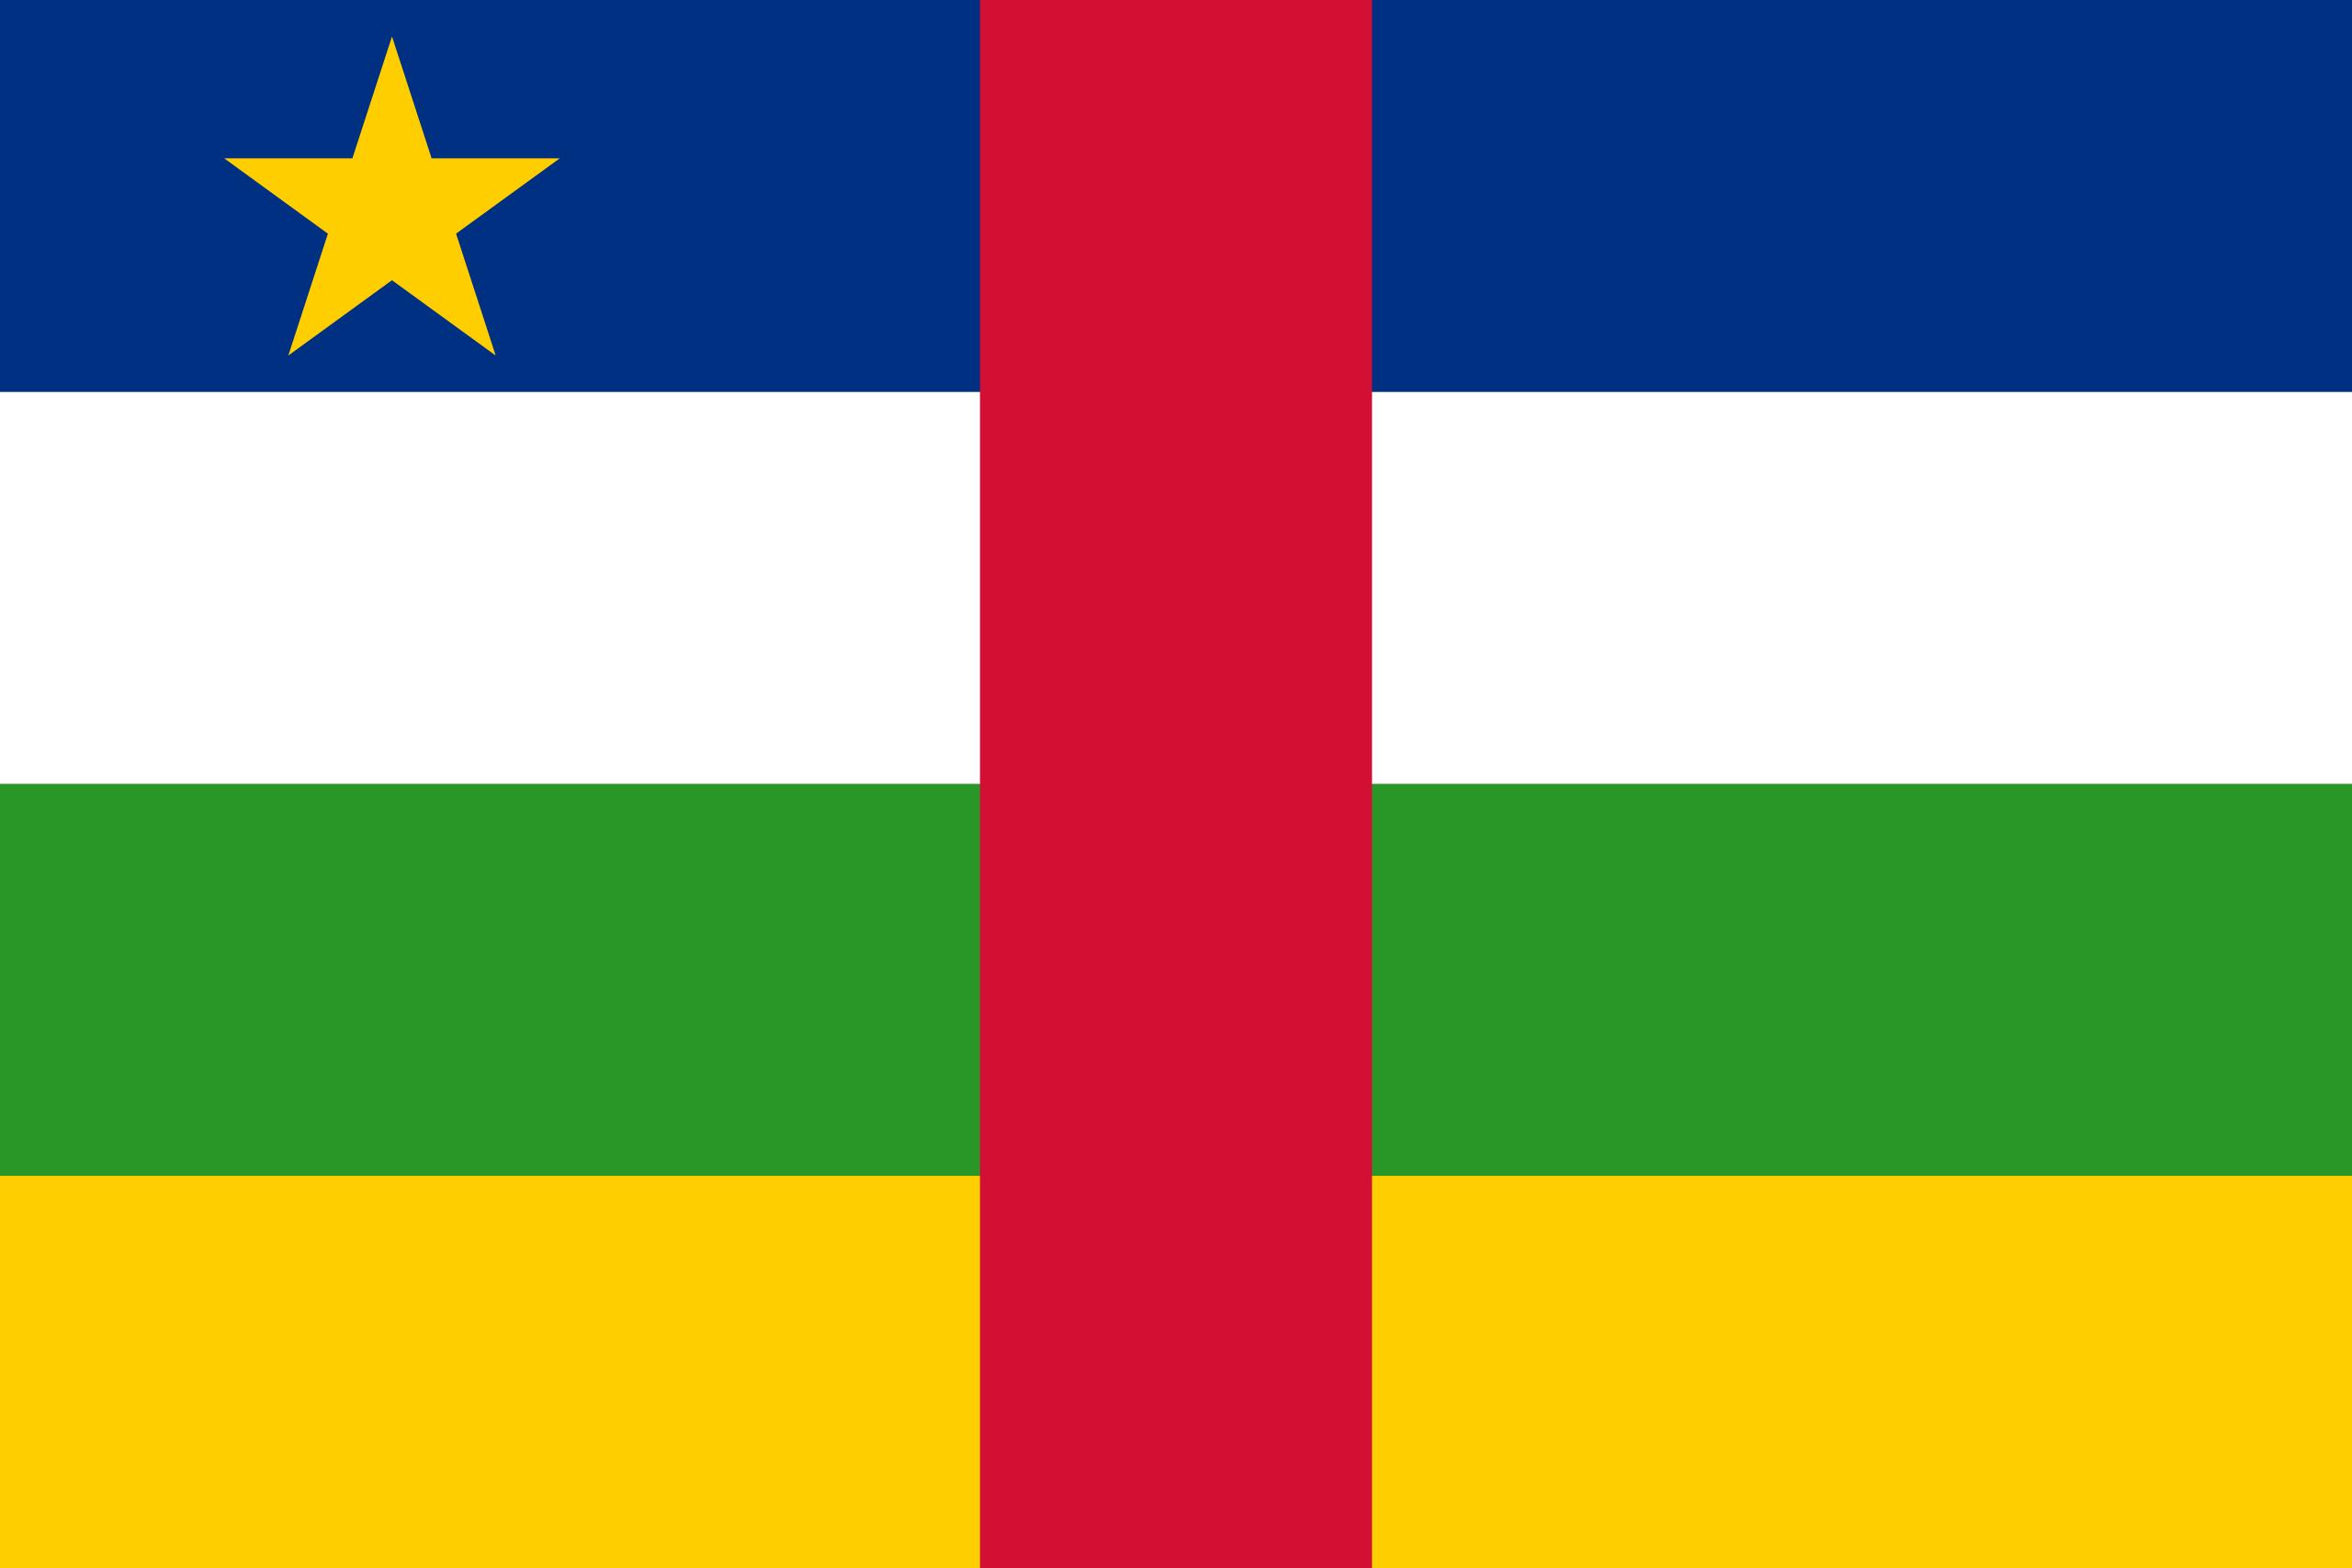 república centroafricana, Land, Emblem, Logo, Symbol - Wallpaper HD - Prof.-falken.com